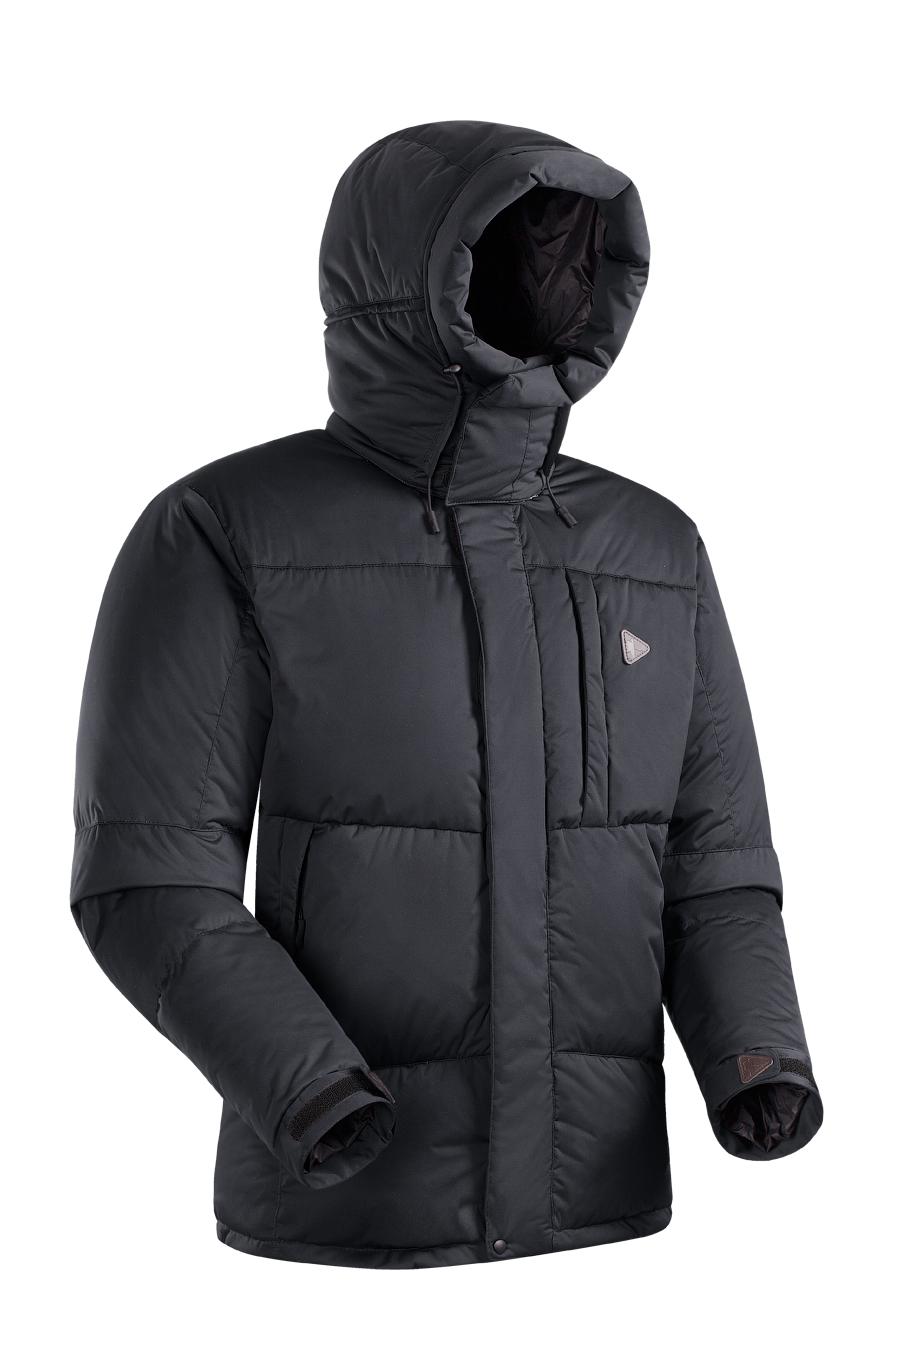 Пуховая куртка BASK AVALANCHE  LUXE 5452Куртки<br><br><br>Верхняя ткань: Advance® Lux<br>Вес граммы: 1650<br>Ветро-влагозащитные свойства верхней ткани: Да<br>Ветрозащитная планка: Да<br>Ветрозащитная юбка: Нет<br>Влагозащитные молнии: Нет<br>Внутренняя ткань: Advance® Classic<br>Водонепроницаемость: 10000<br>Дублирующий центральную молнию клапан: Да<br>Защитный козырёк капюшона: Нет<br>Капюшон: Съемный<br>Количество внешних карманов: 3<br>Количество внутренних карманов: 2<br>Коллекция: BASK CITY<br>Мембрана: Да<br>Объемный крой локтевой зоны: Нет<br>Отстёгивающиеся рукава: Нет<br>Паропроницаемость: 20000<br>Показатель Fill Power (для пуховых изделий): 600<br>Пол: Мужской<br>Проклейка швов: Нет<br>Регулировка манжетов рукавов: Да<br>Регулировка низа: Да<br>Регулировка объёма капюшона: Да<br>Регулировка талии: Нет<br>Регулируемые вентиляционные отверстия: Нет<br>Световозвращающая лента: Нет<br>Температурный режим: -15<br>Технология швов: Простые<br>Тип молнии: Двухзамковая<br>Тип утеплителя: Натуральный<br>Ткань усиления: Нет<br>Усиление контактных зон: Нет<br>Утеплитель: Гусиный пух<br>Размер RU: 56<br>Цвет: СИНИЙ